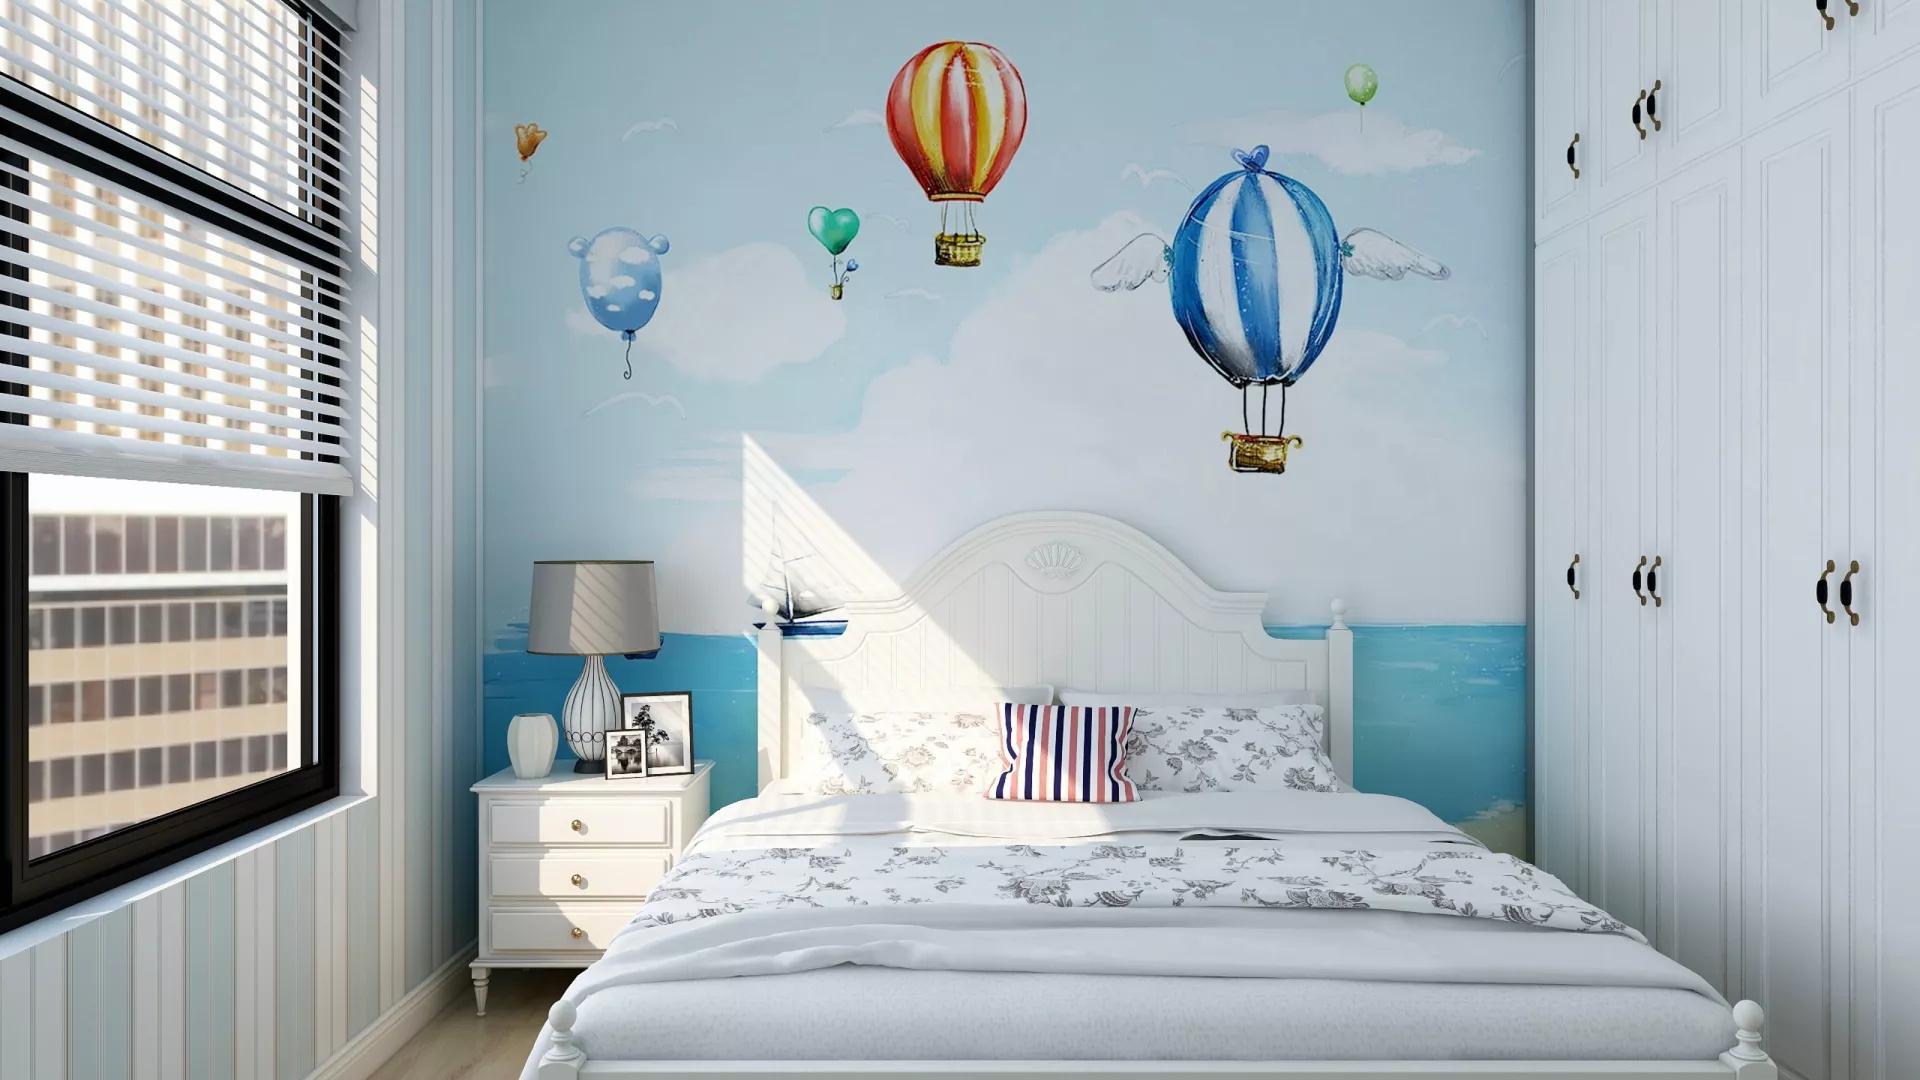 美式卧室装修要点 美式卧室装修图片大全